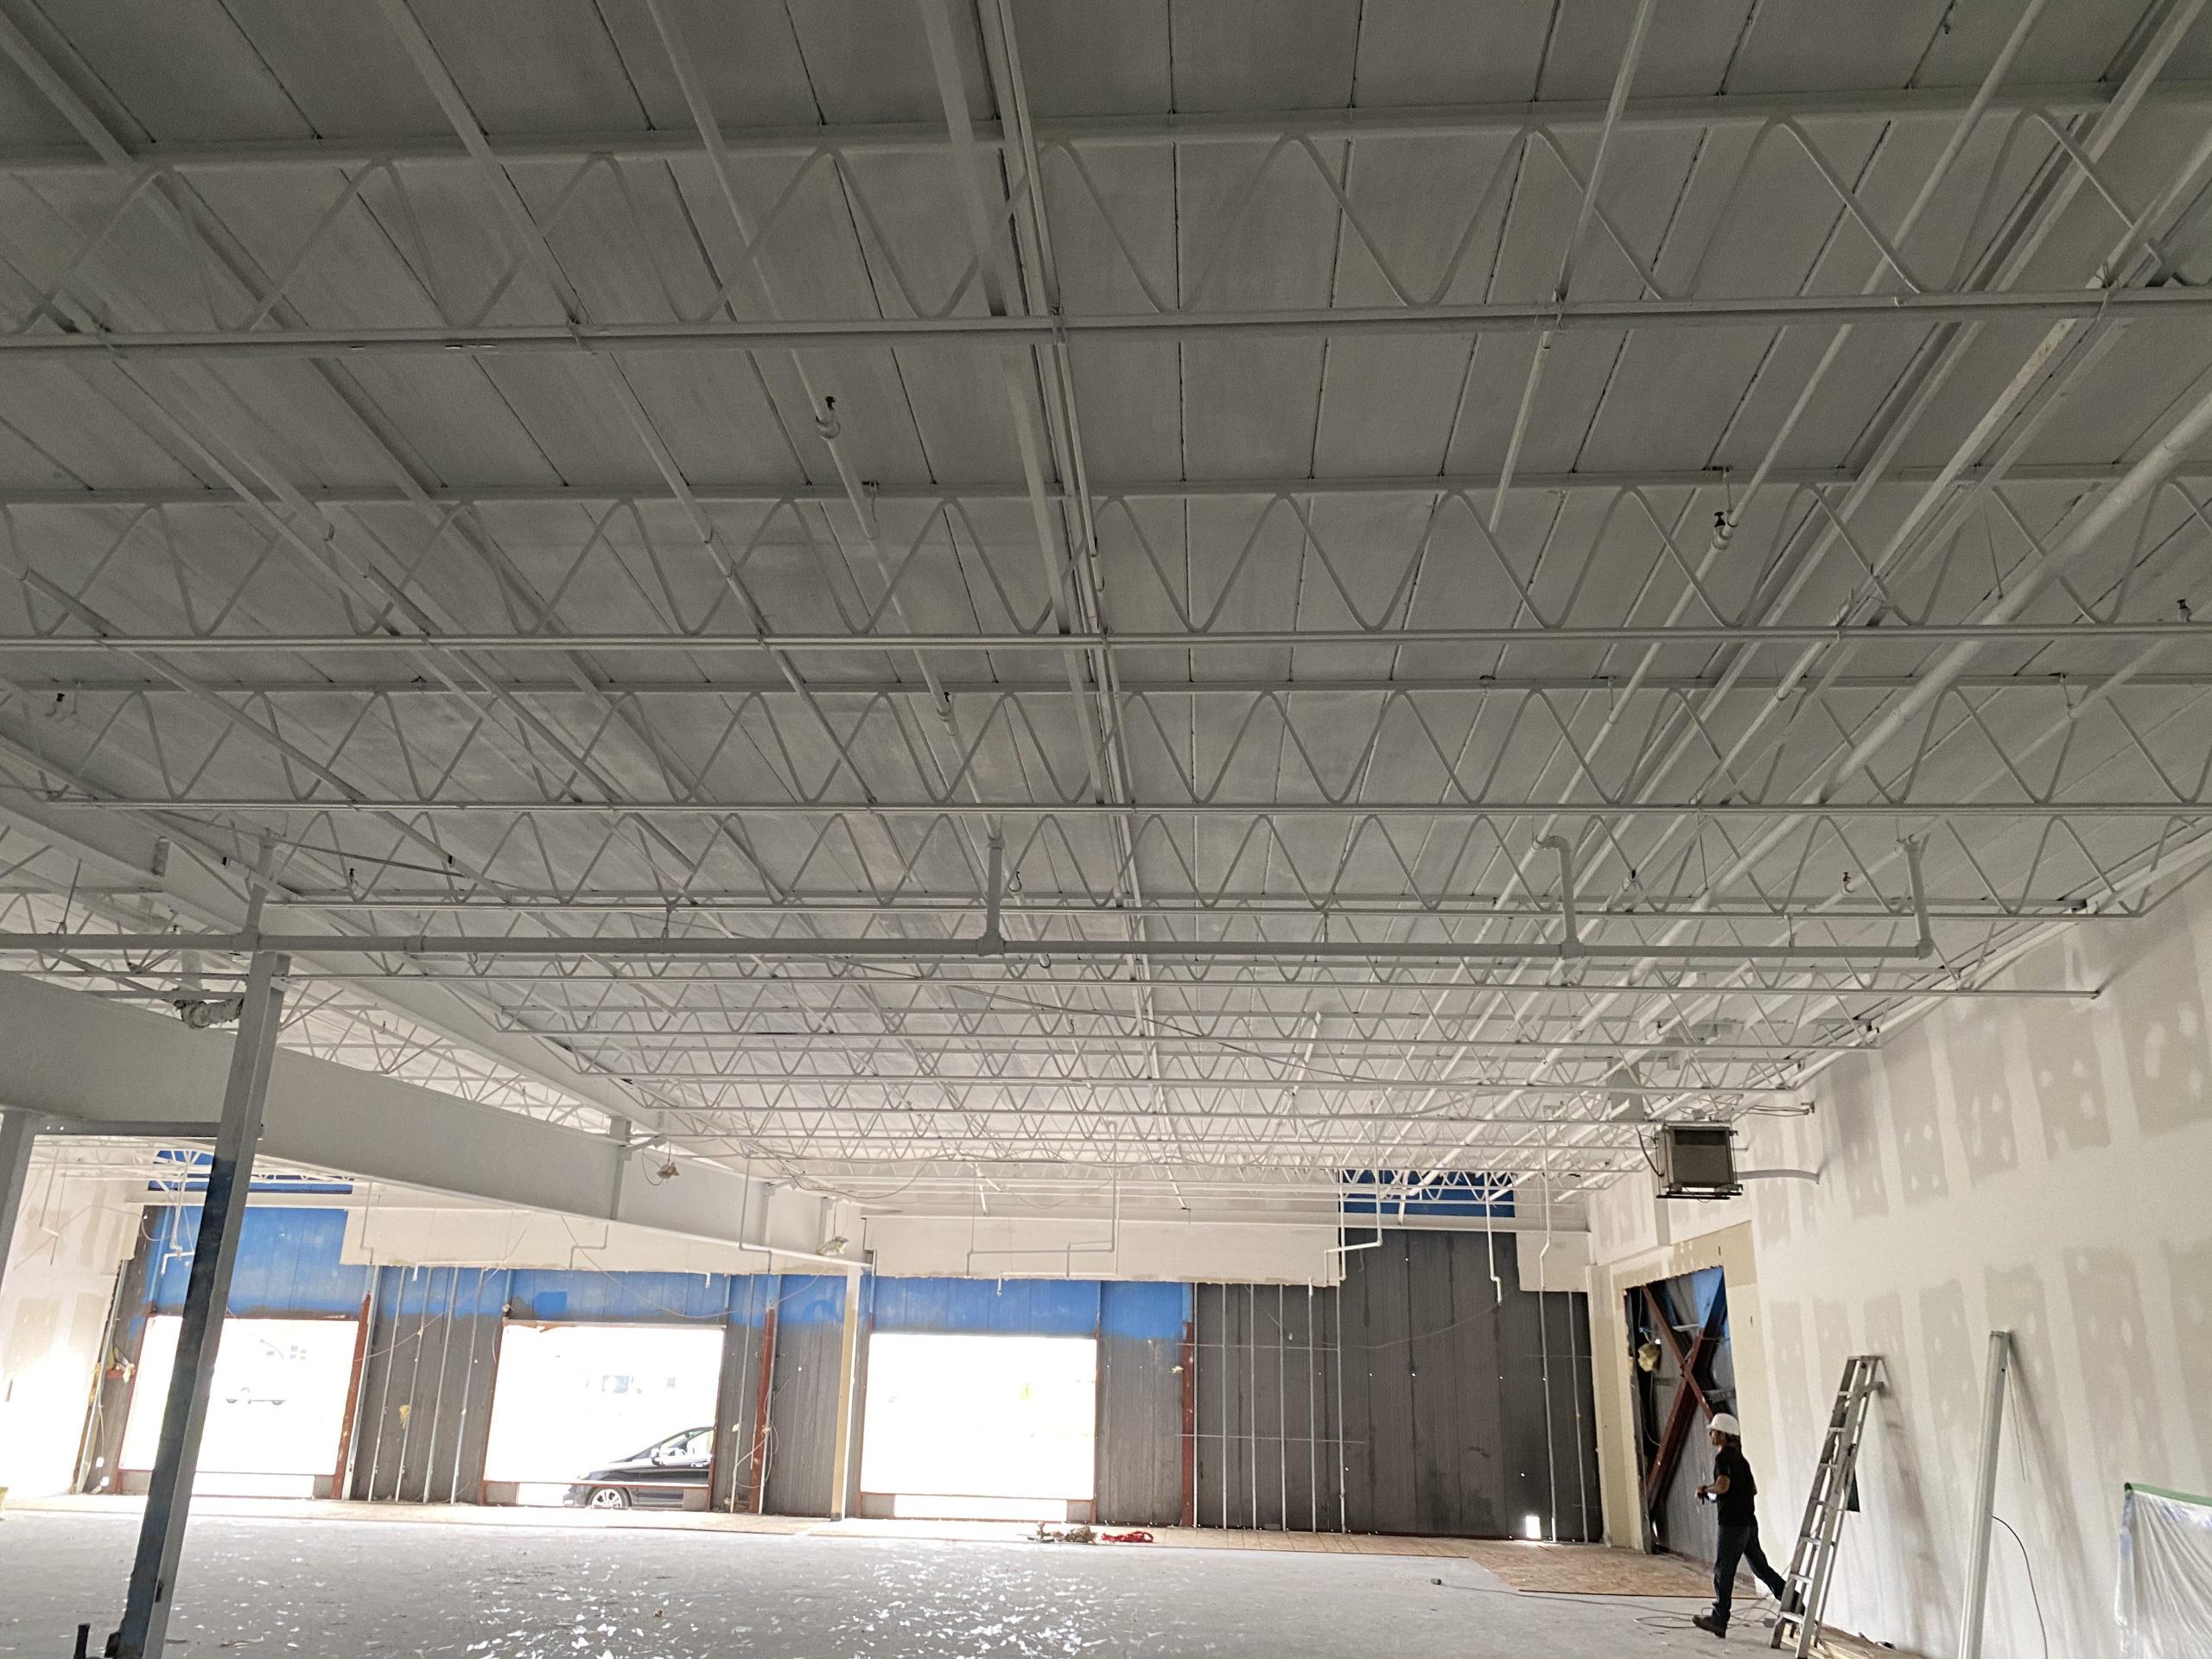 Un plafond industriel ou commercial fraîchement repeint en blanc